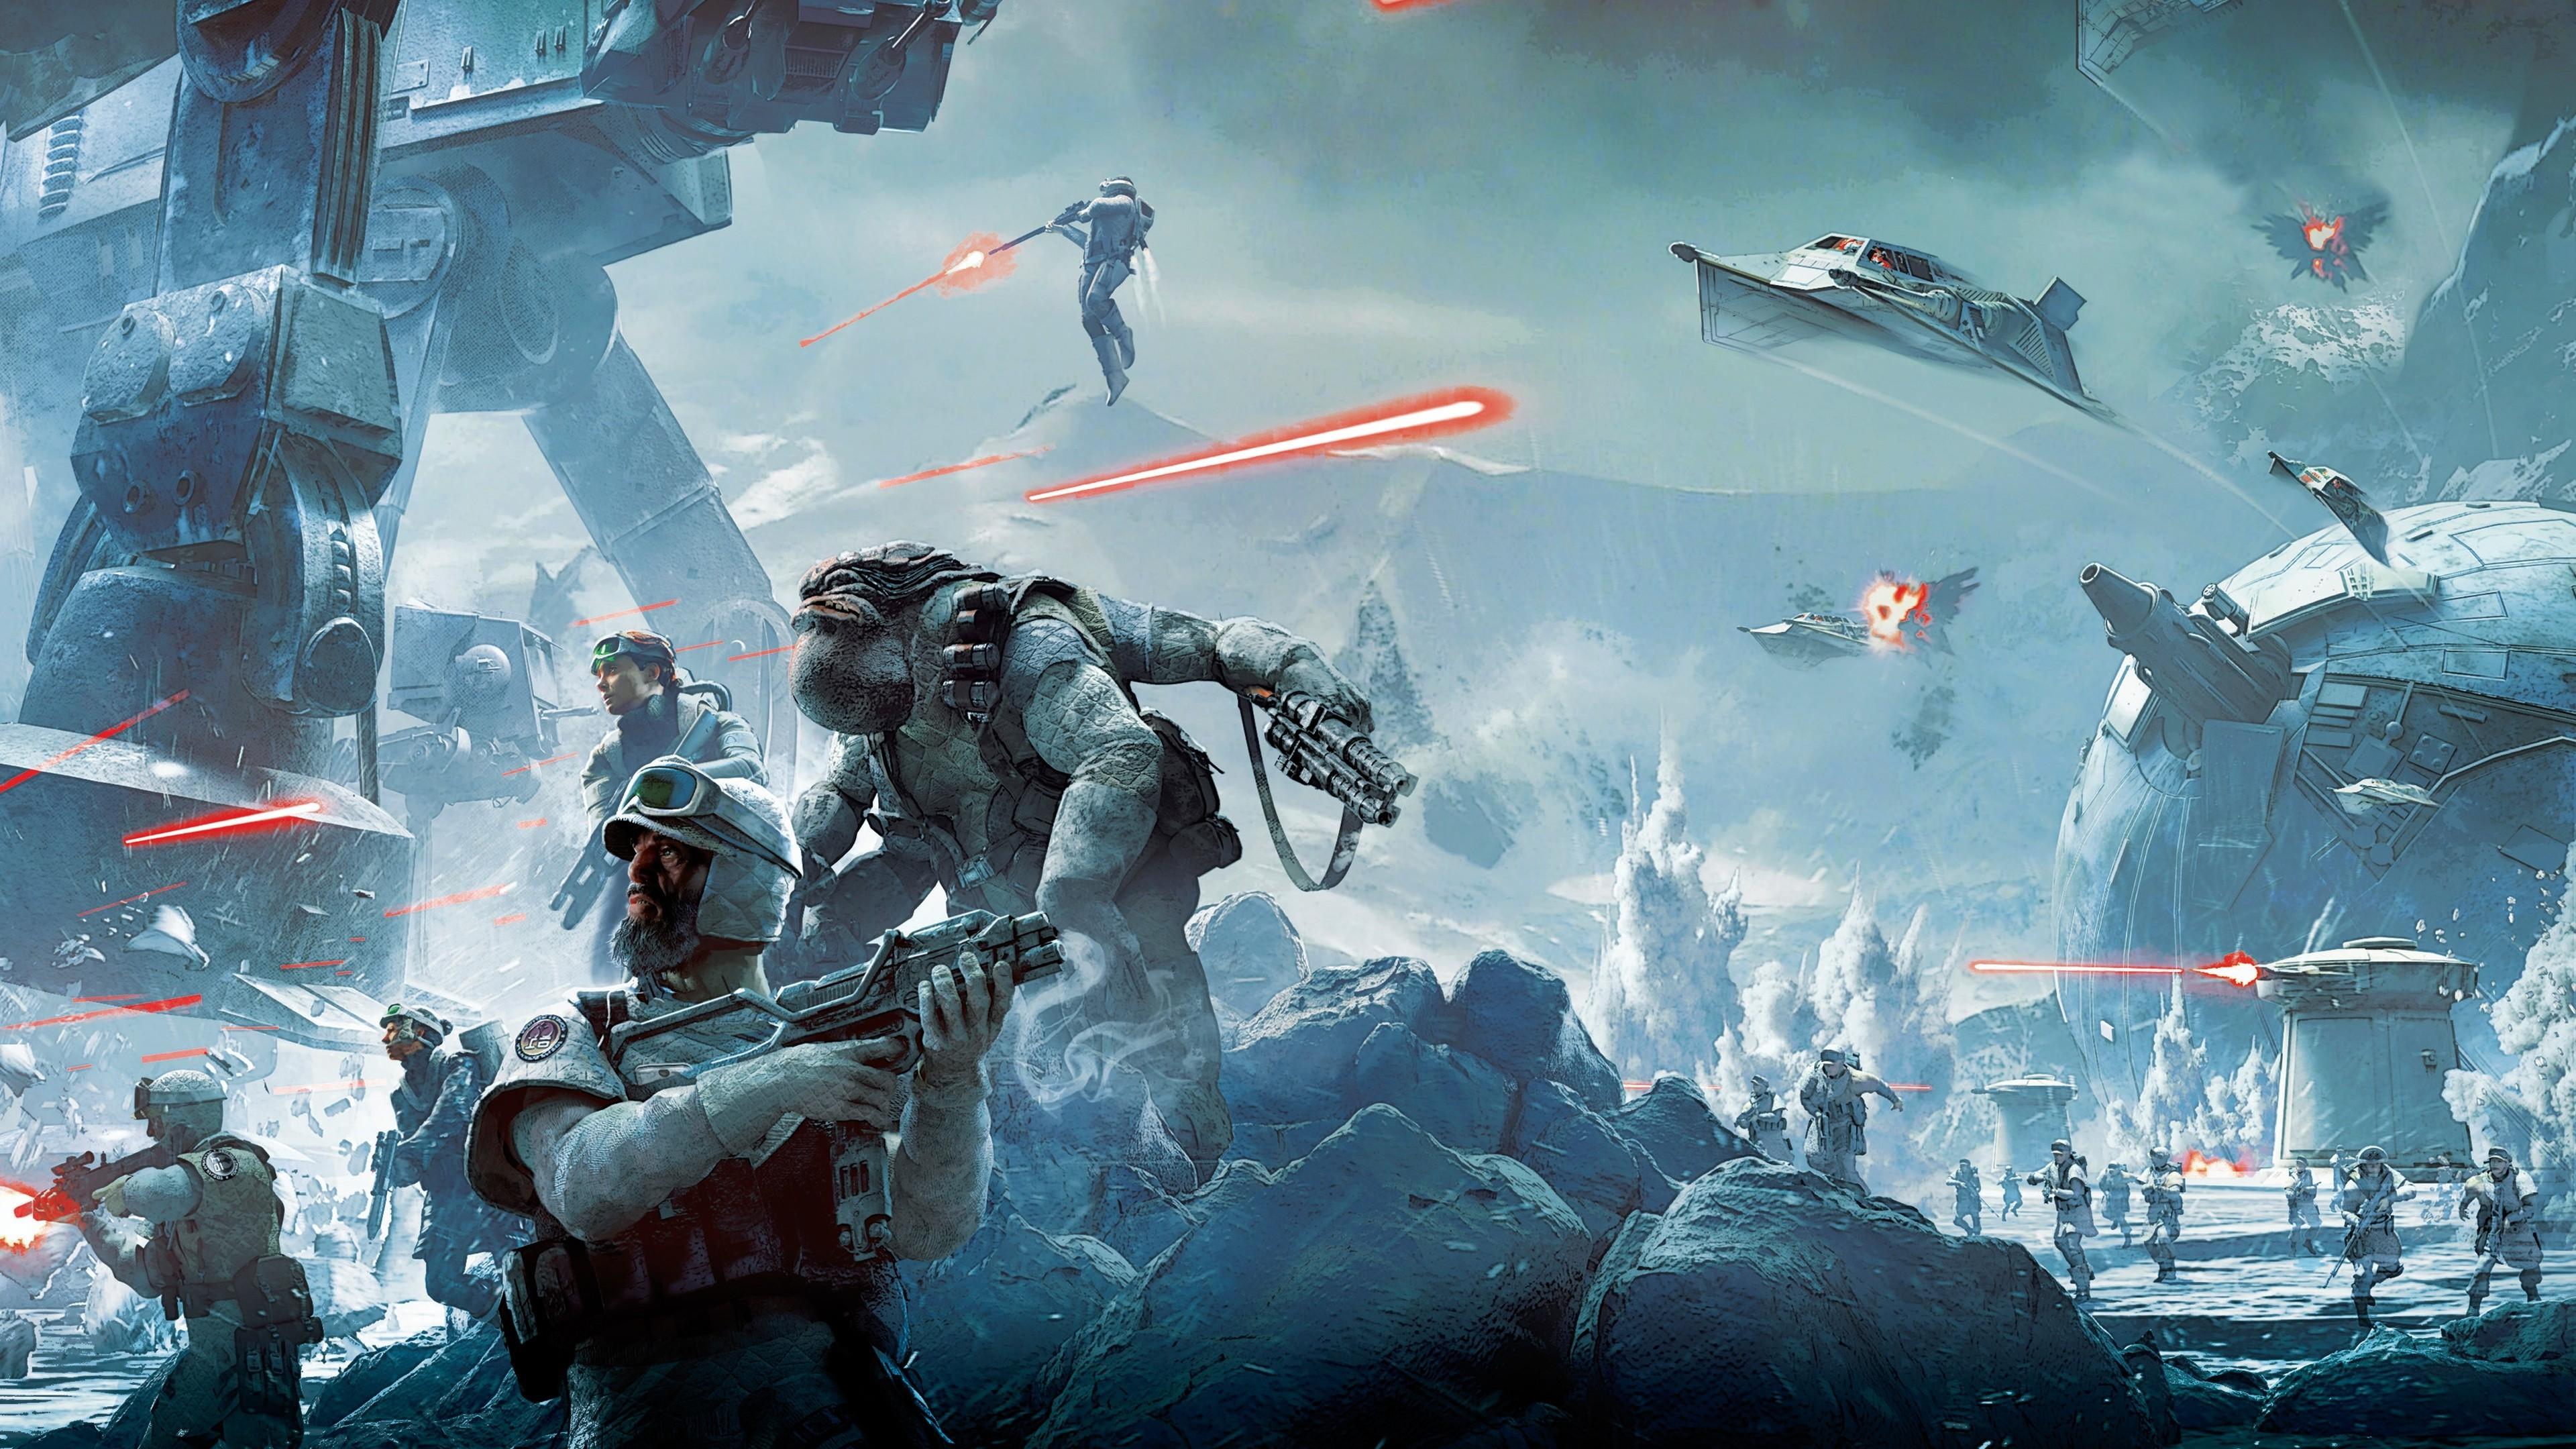 Star Wars Battlefront Star Wars Video Games Battle Hoth 3840x2160